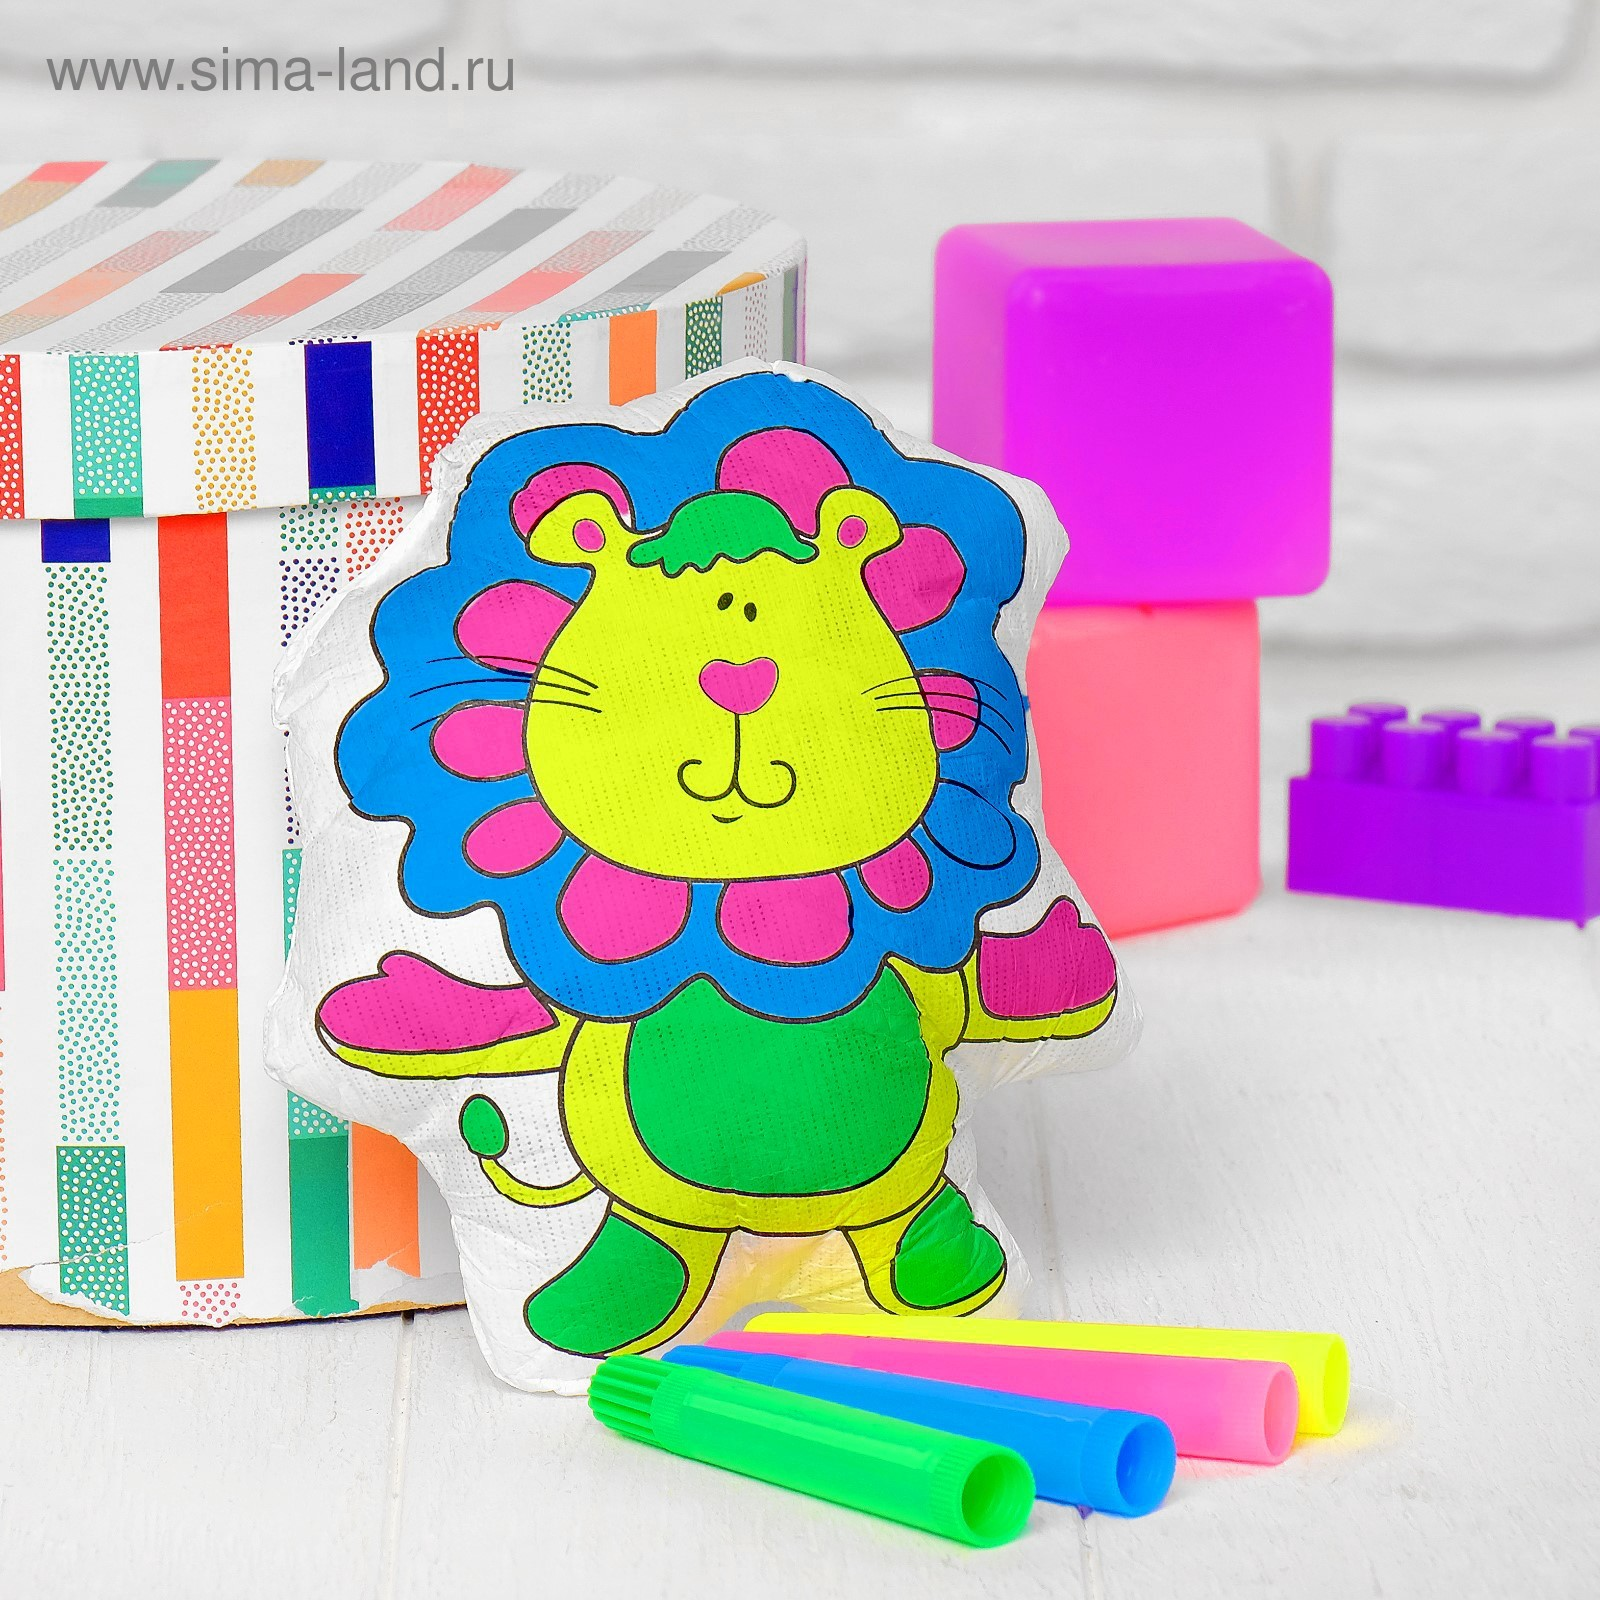 игрушка раскраска львенок маркеры 4 цвета смываются водой